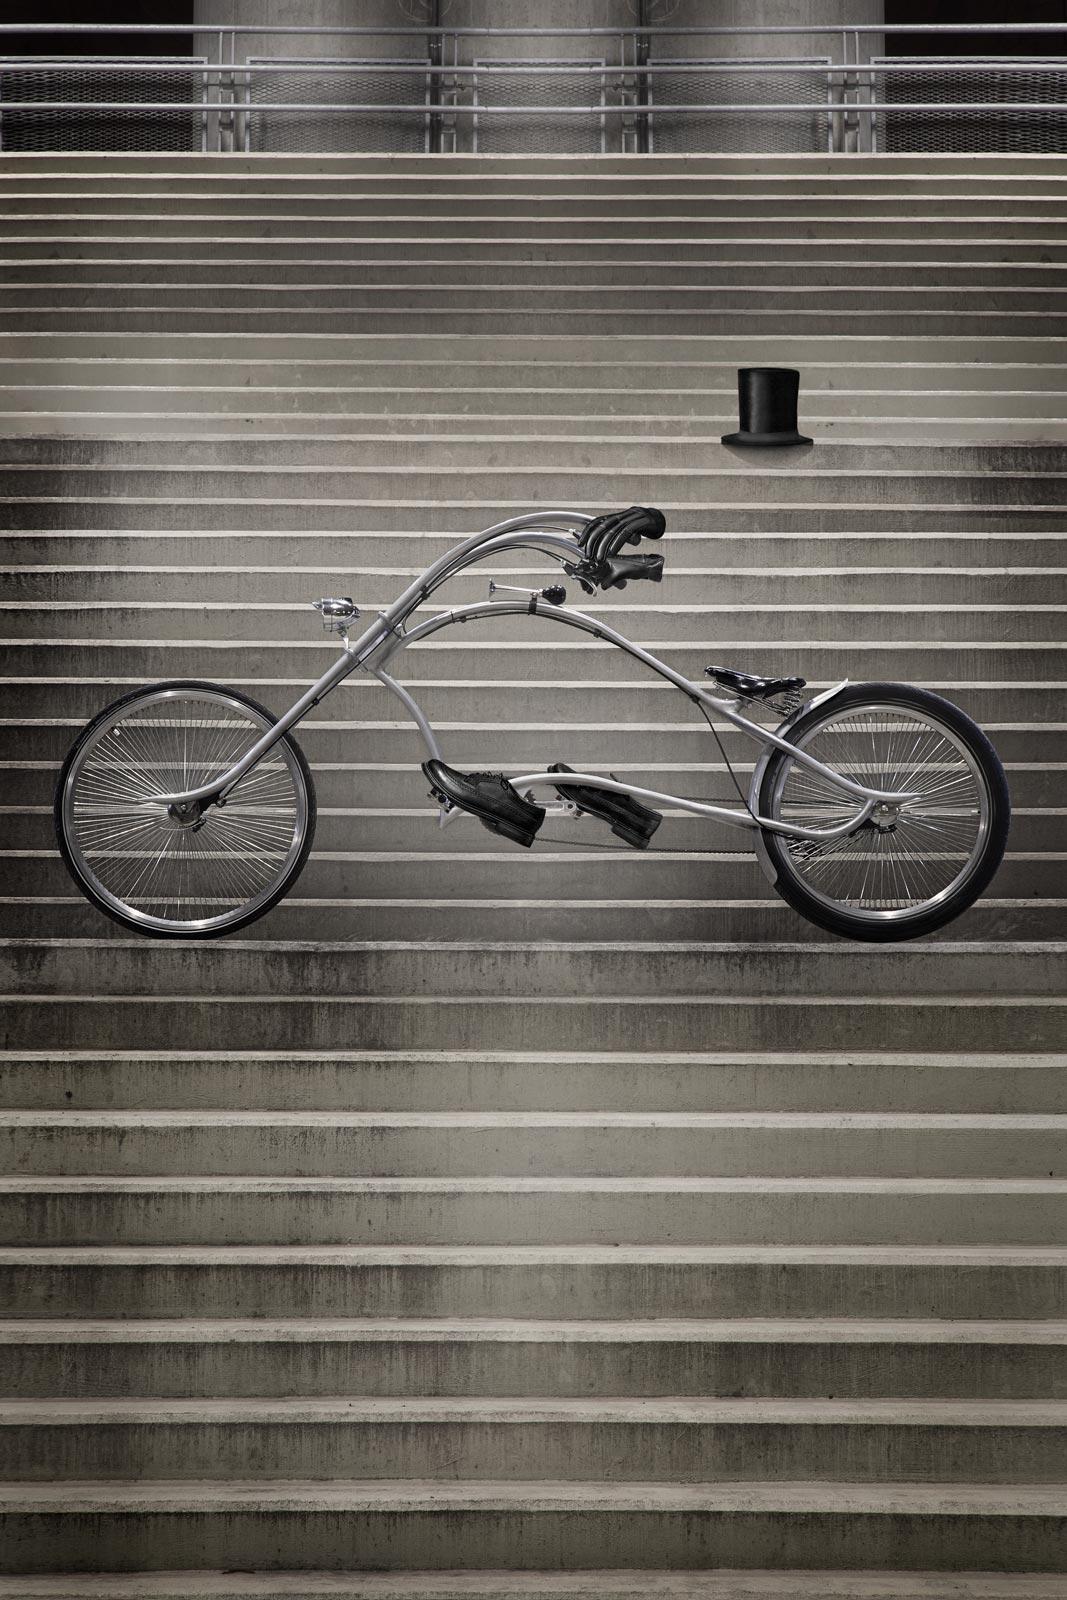 onobikes, ono bikes, mirko nahmijas, pecatippotpis, pecat i potpis